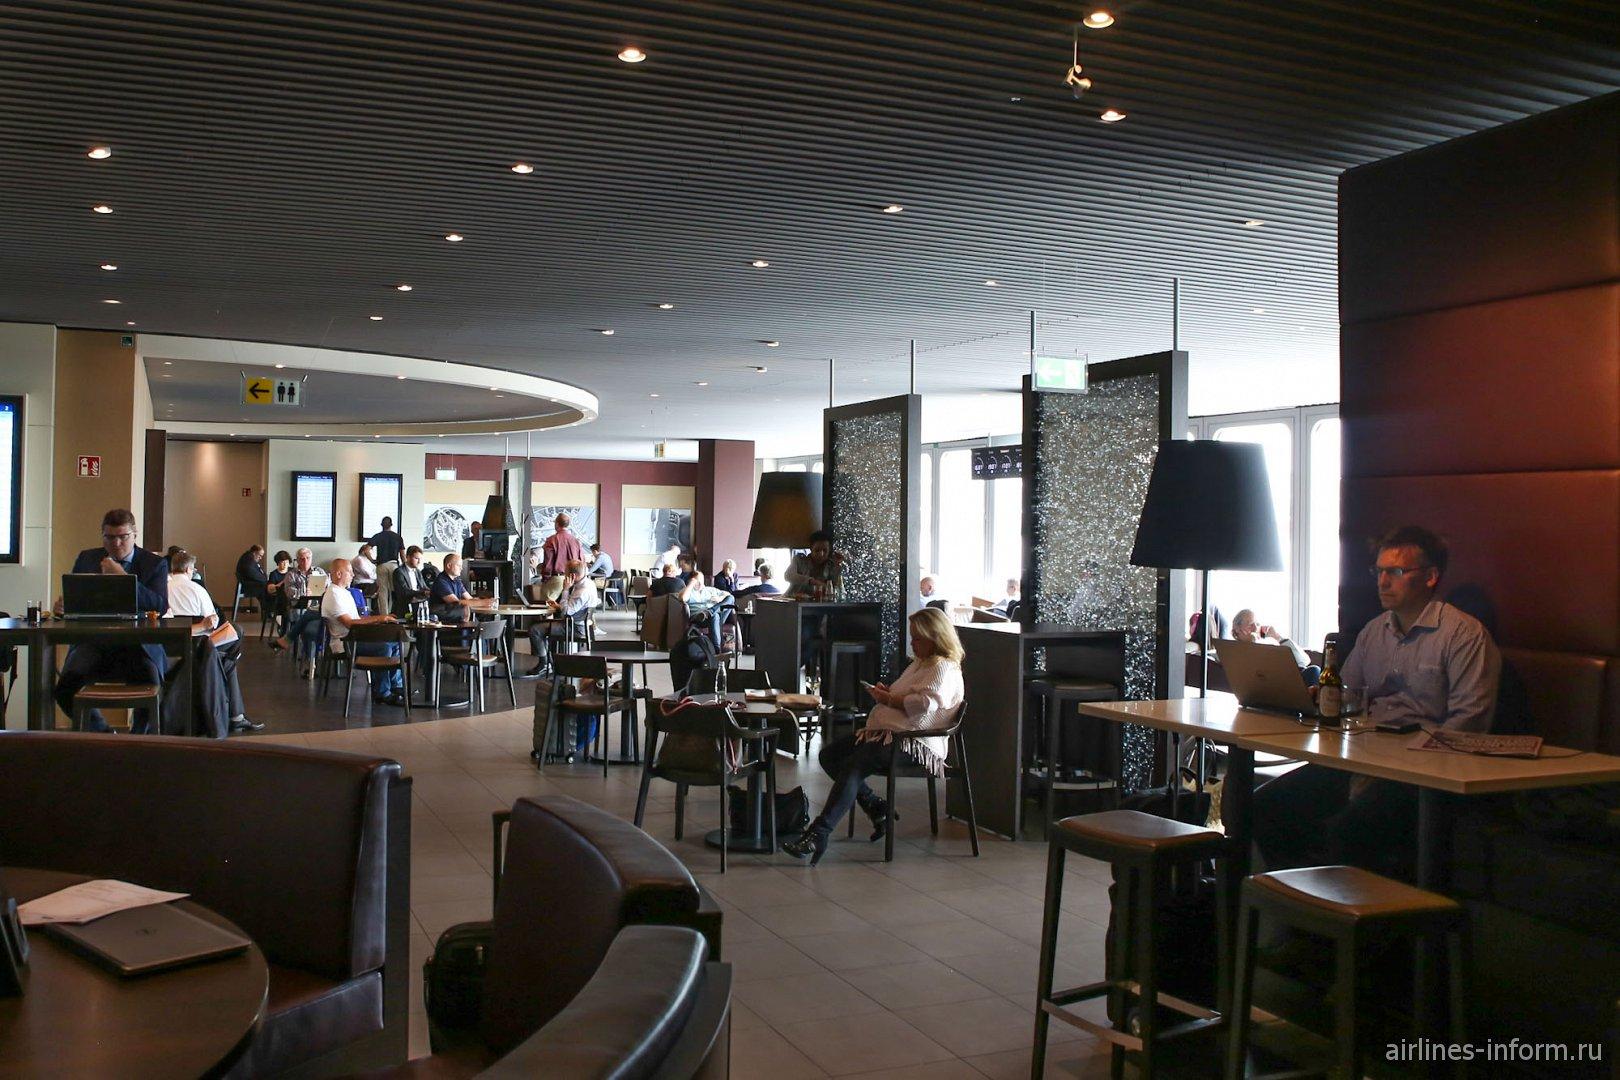 Бизнес-зал в аэропорту Дюссельдорфа